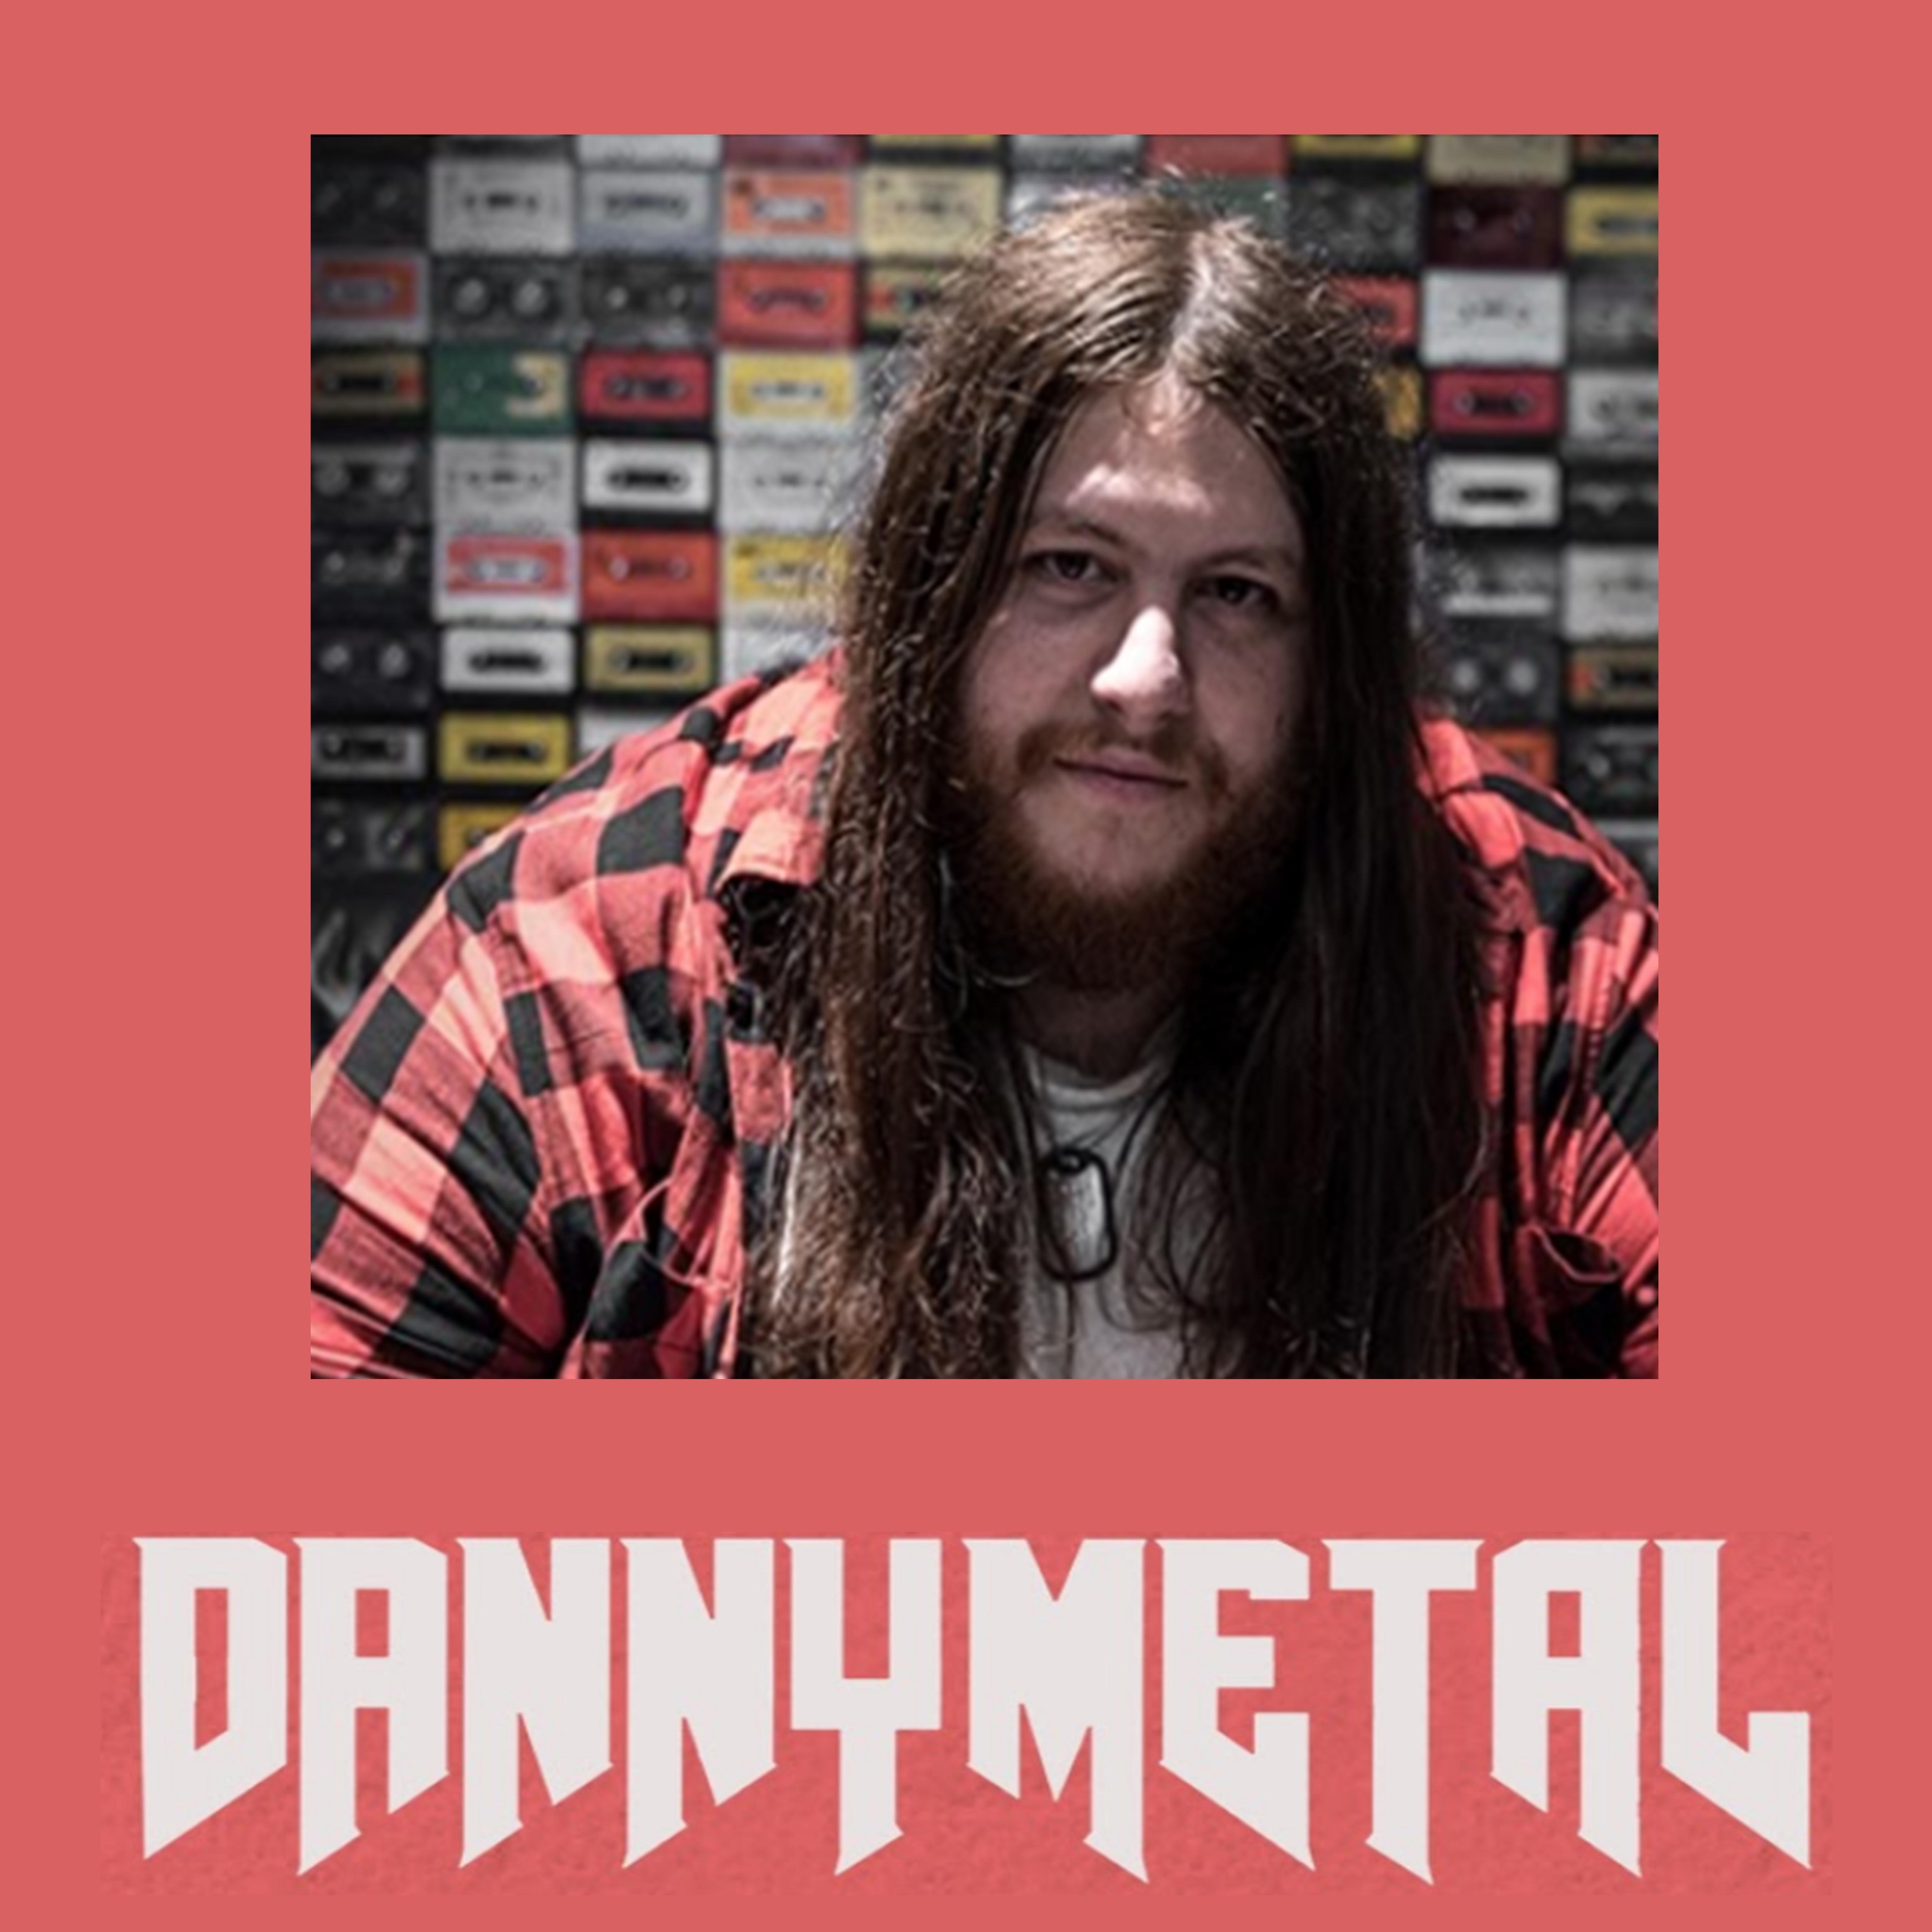 Danny Metal